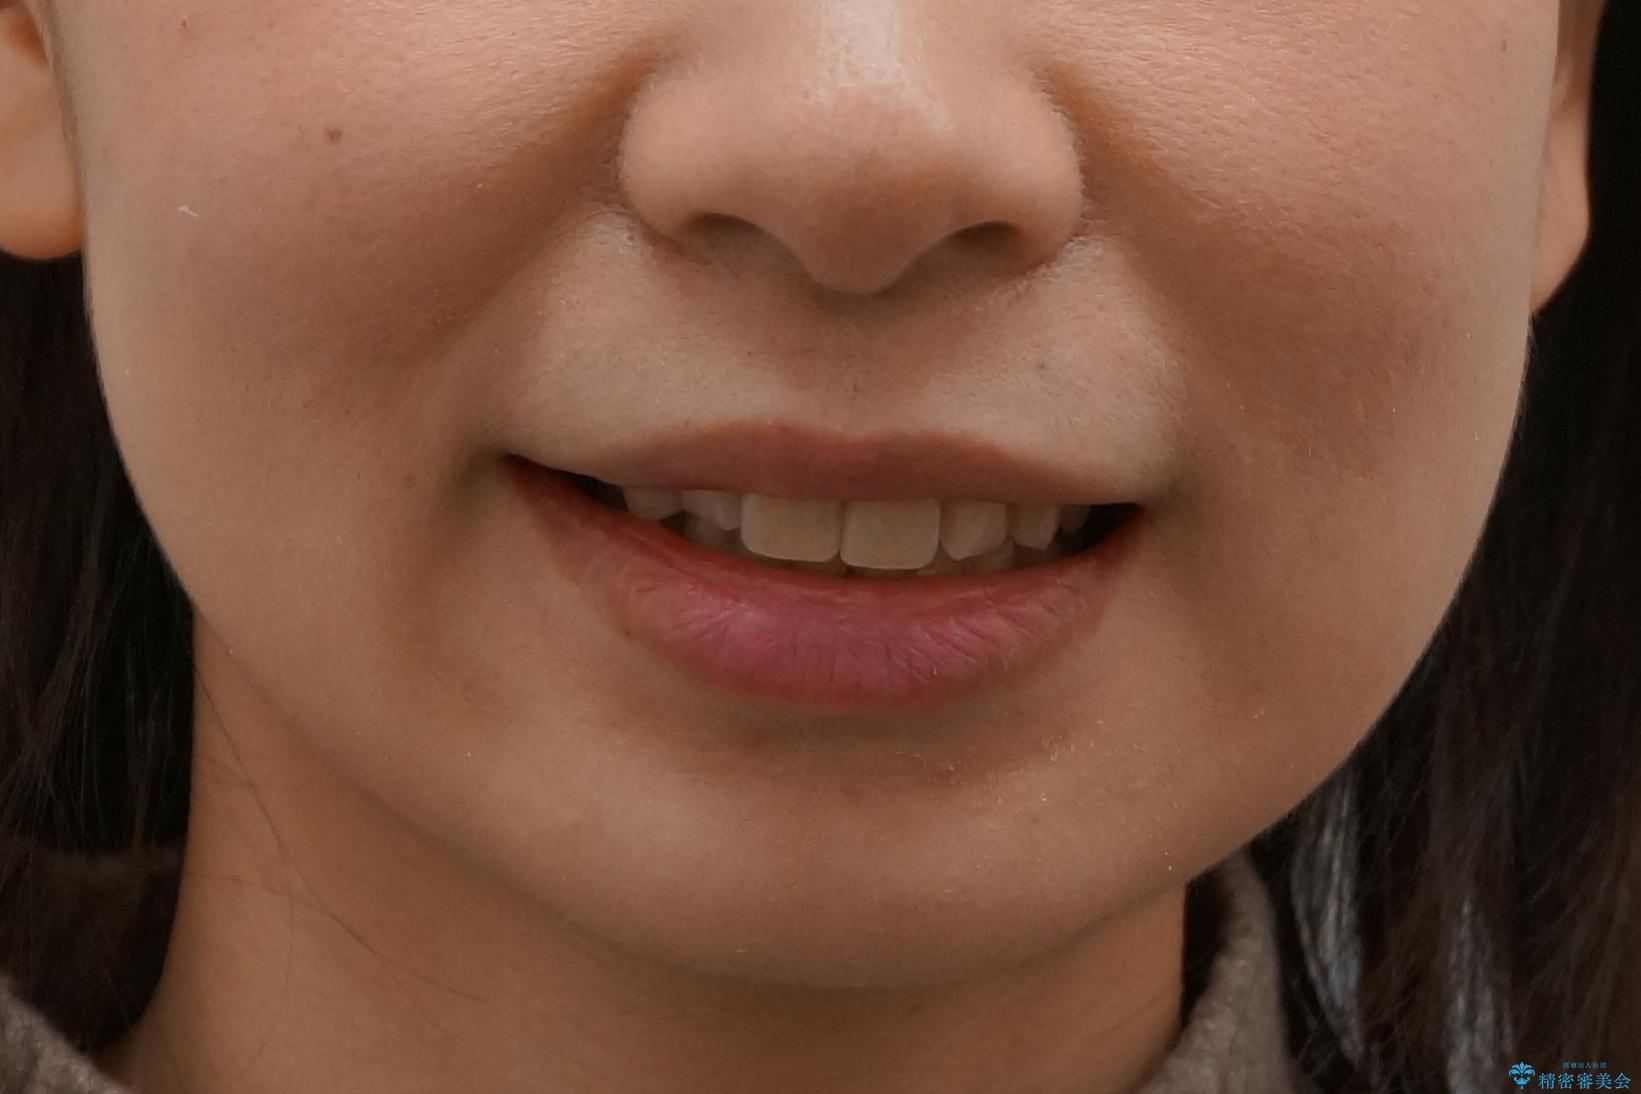 歯並びのがたつきを直したい ワイヤーは嫌 抜きたくないの治療後(顔貌)